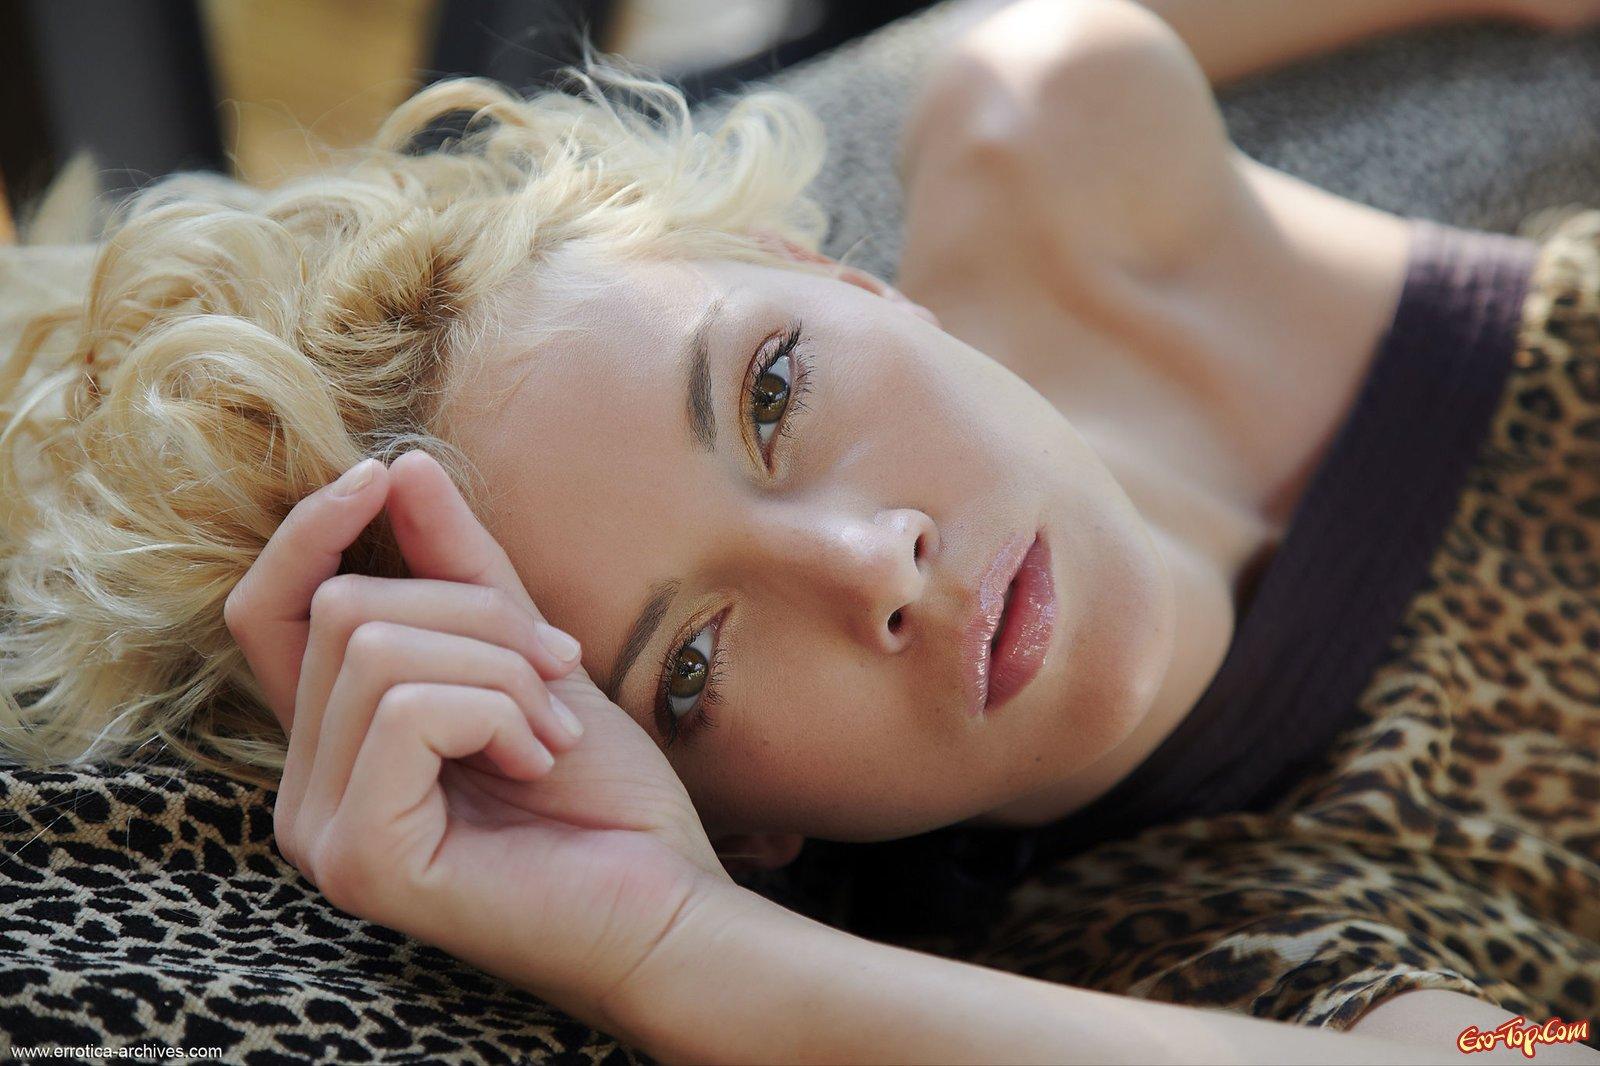 Кудрявая обнаженная блондинка с соблазнительной киской